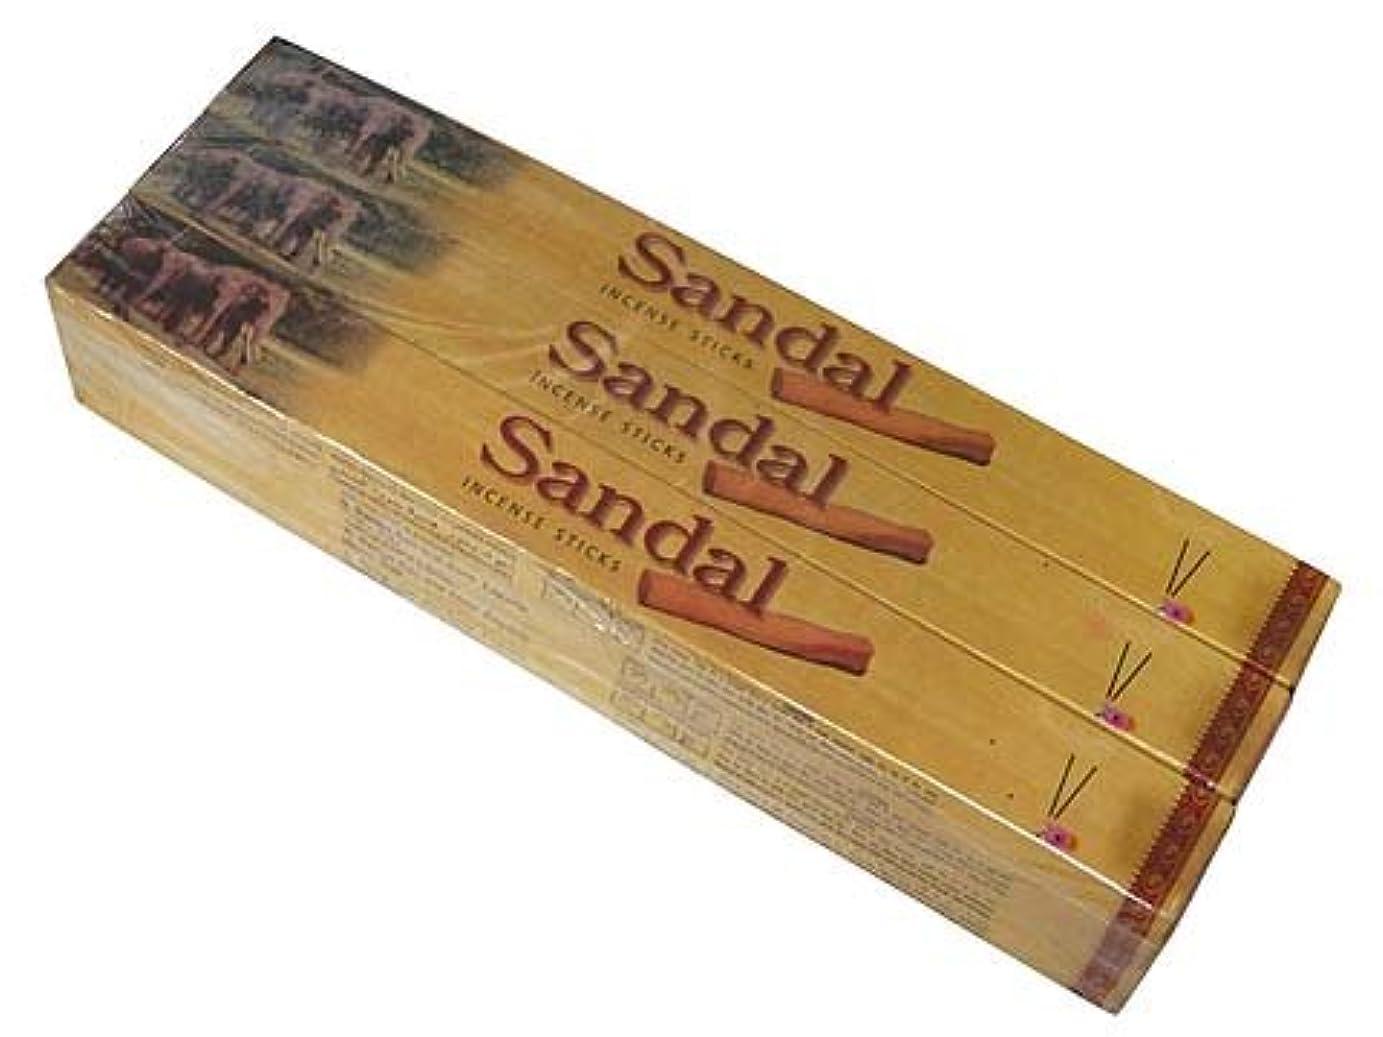 害挨拶する茎CYCLE(サイクル) サンダル香 スティック SANDAL 12箱セット